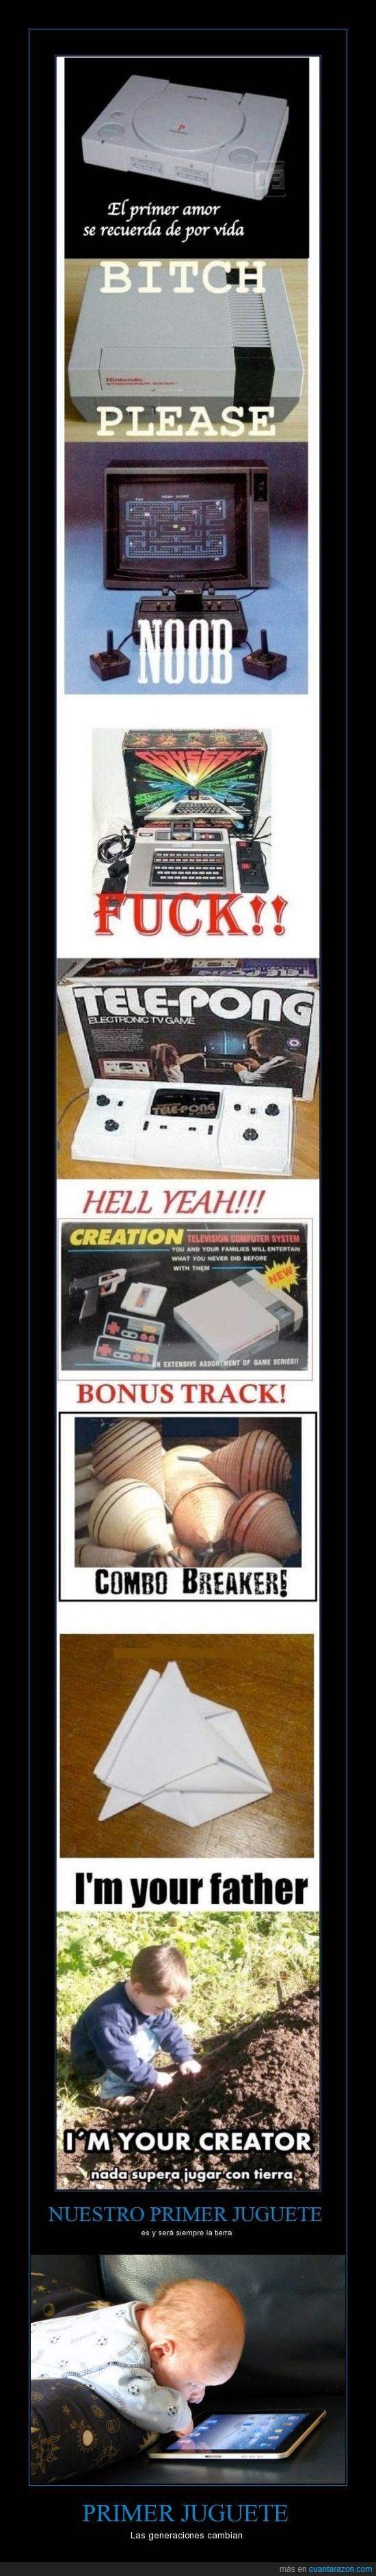 consolas,ipad,juegos,juguete,niños,papel,playstation,tele-pong,tierra,trompo